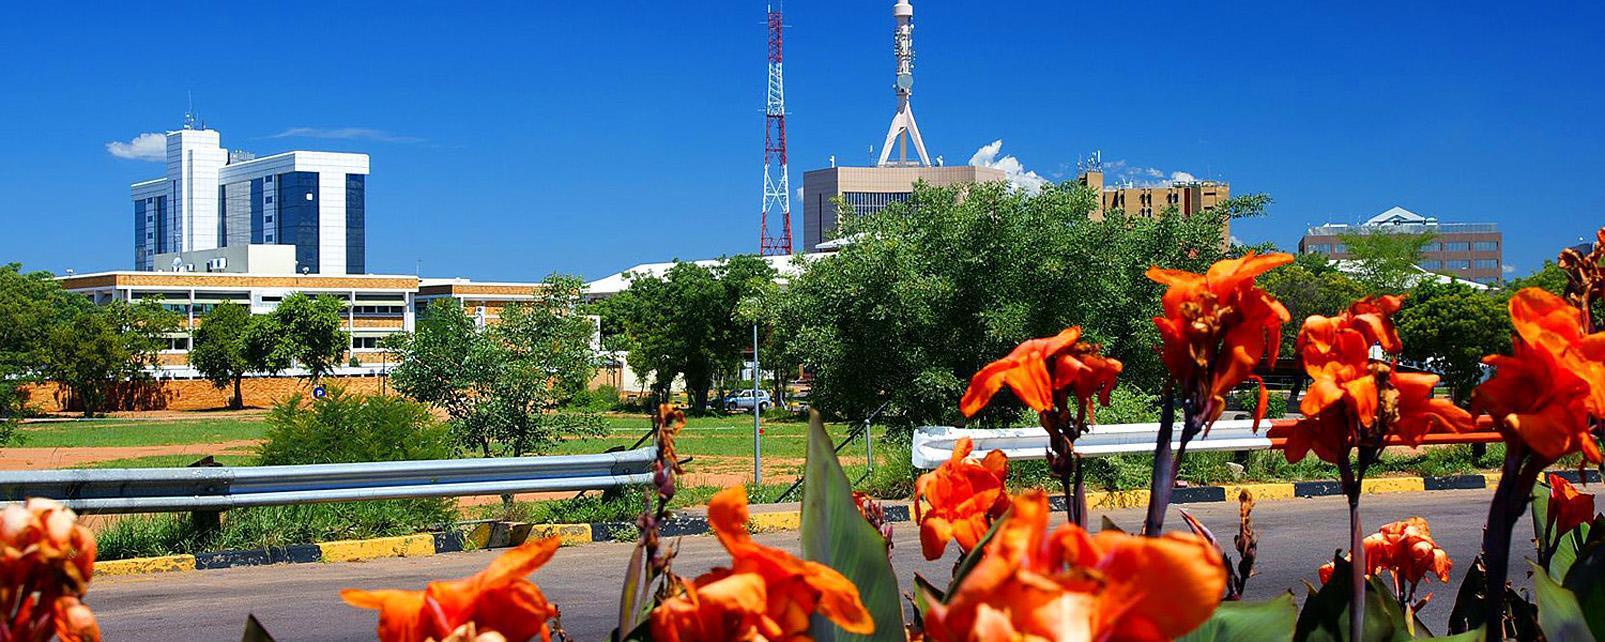 ville-de-botswana-image